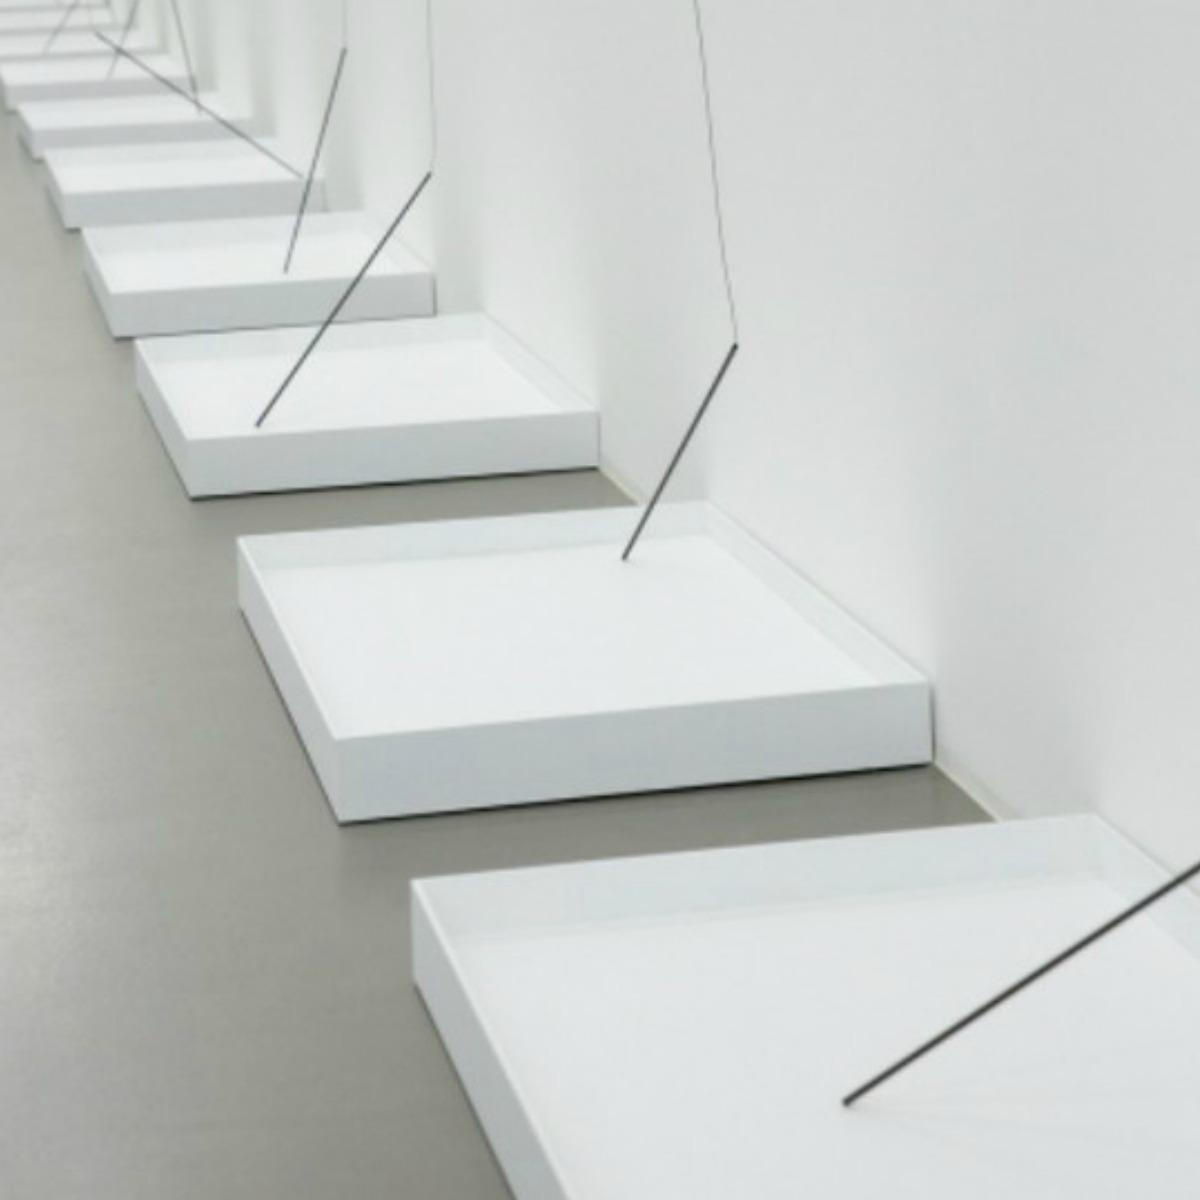 daad-Galerie Berlin